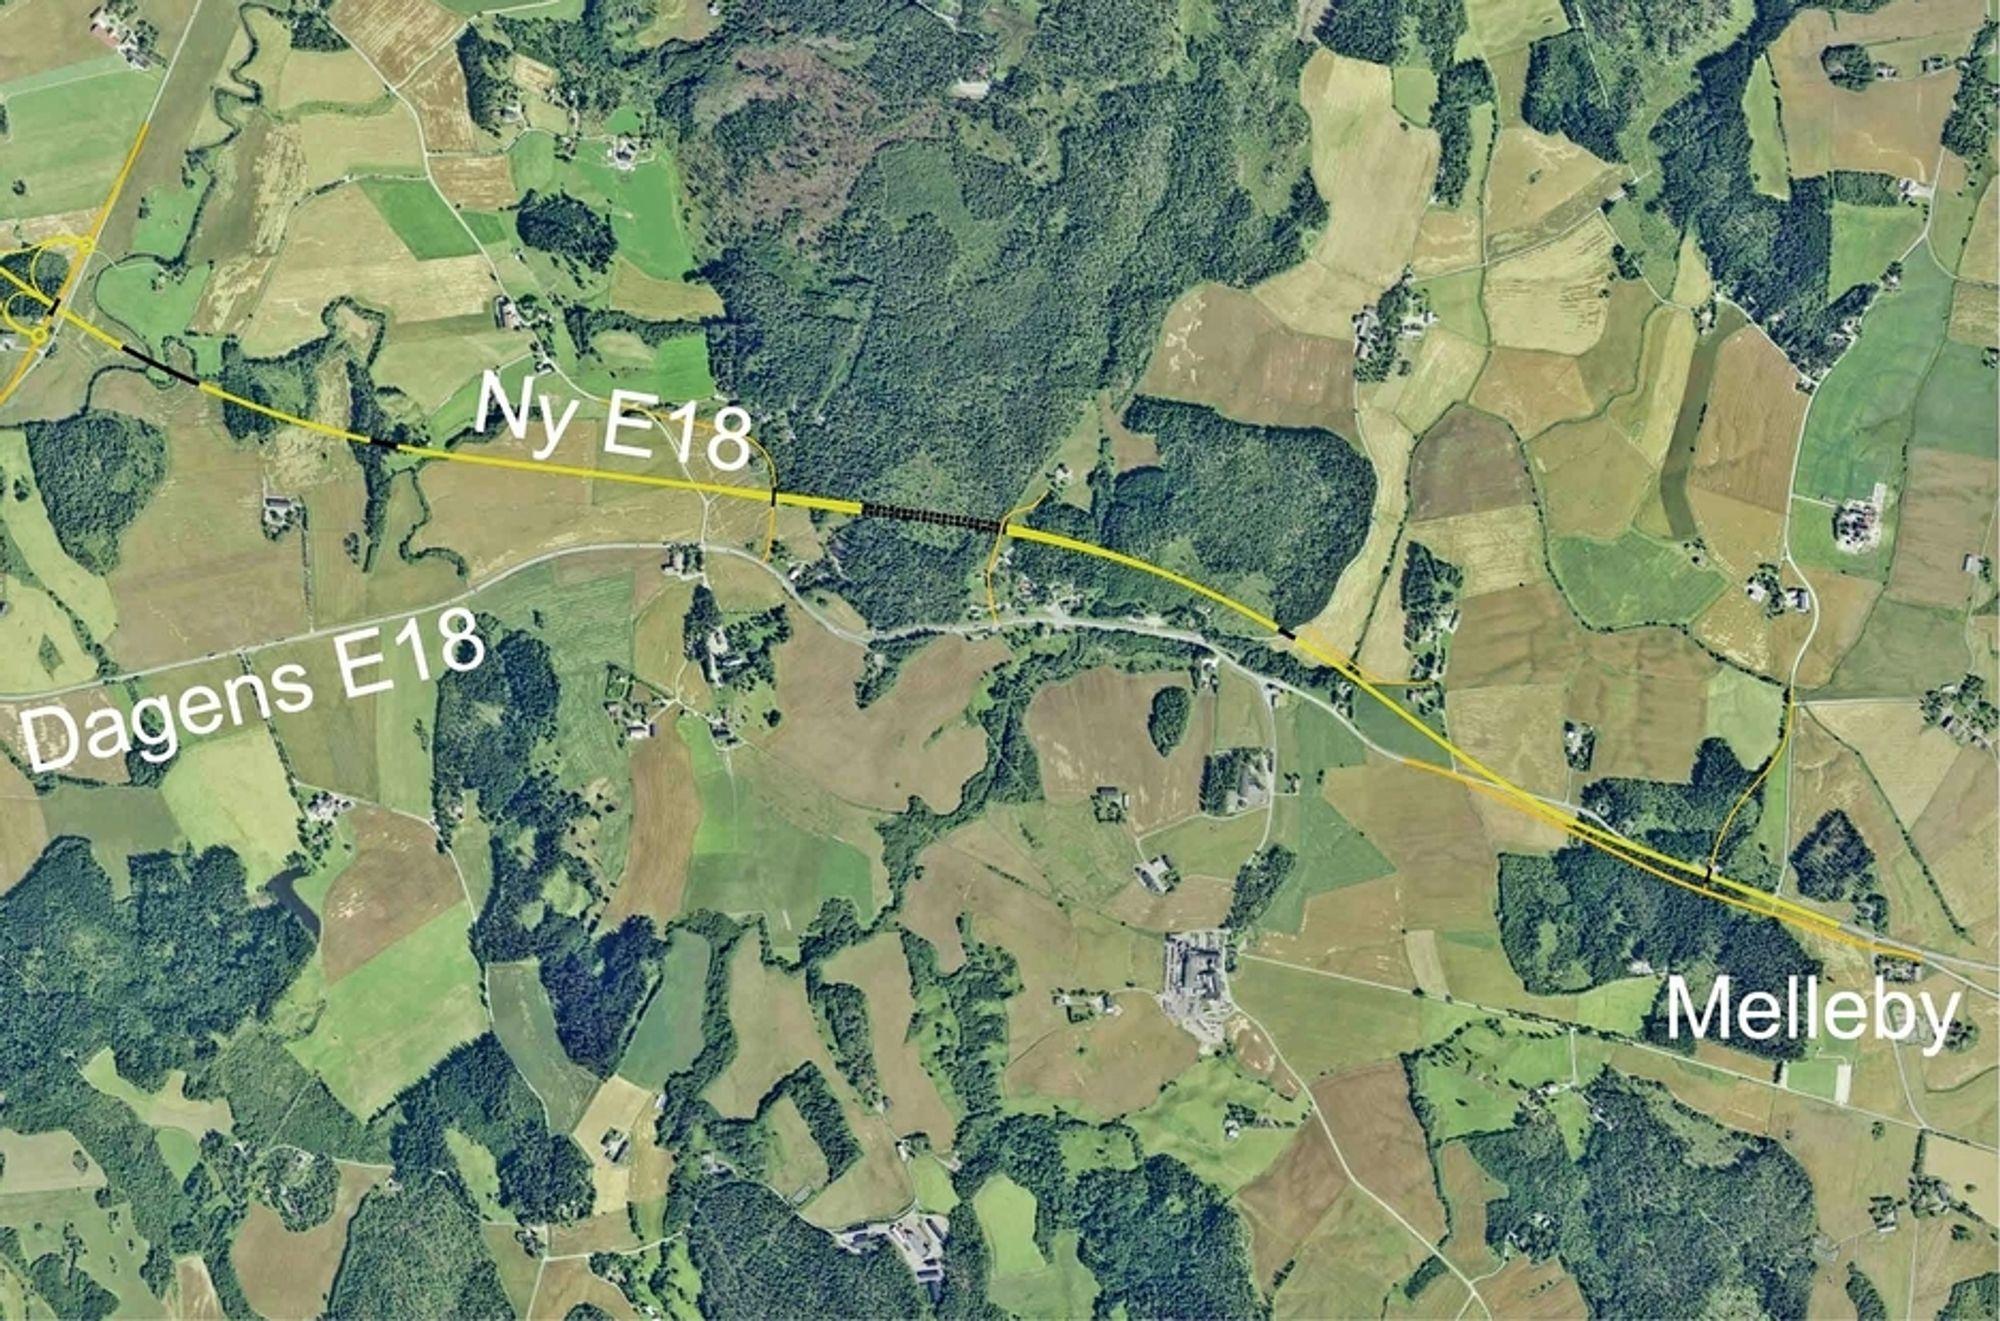 De som har lyst til å anlegge ny E 18 mellom Homstvedt og Melleby i Eidsberg kommune i Østfold, må gi anbud inne 16. januar. Ill.: Statens vegvesen